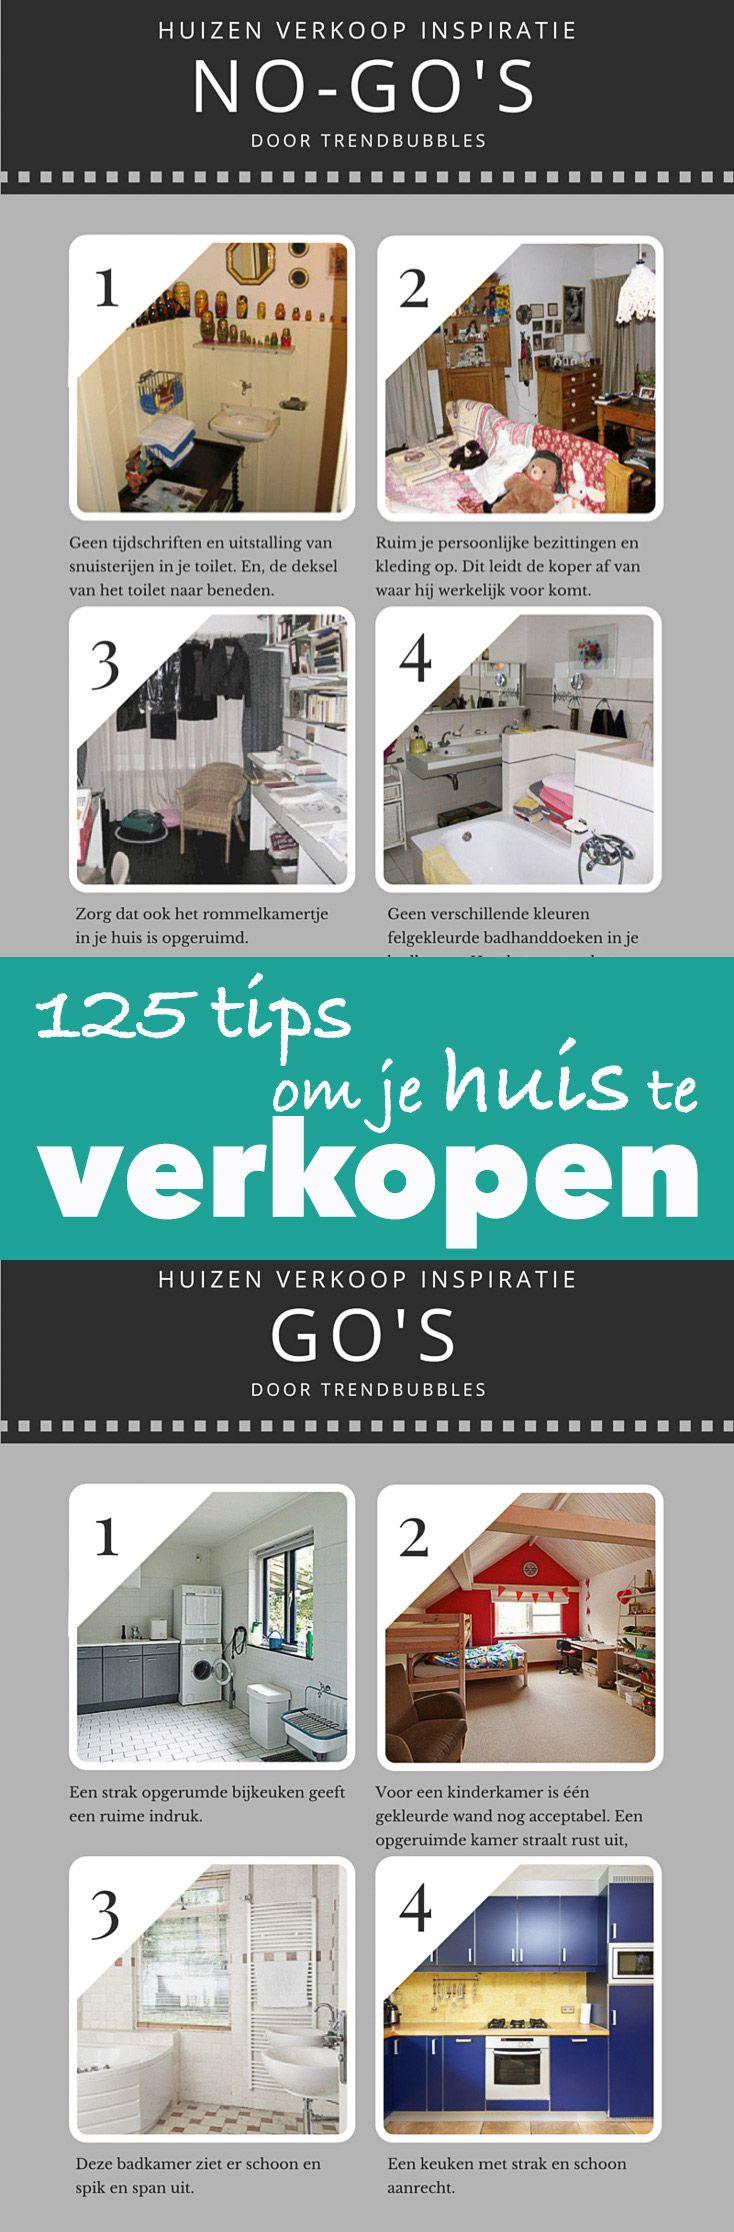 125 handige tips om je huis beter te verkopen. Kijk snel! | http://trendbubbles.nl/125-tips-om-je-huis-beter-te-verkopen/